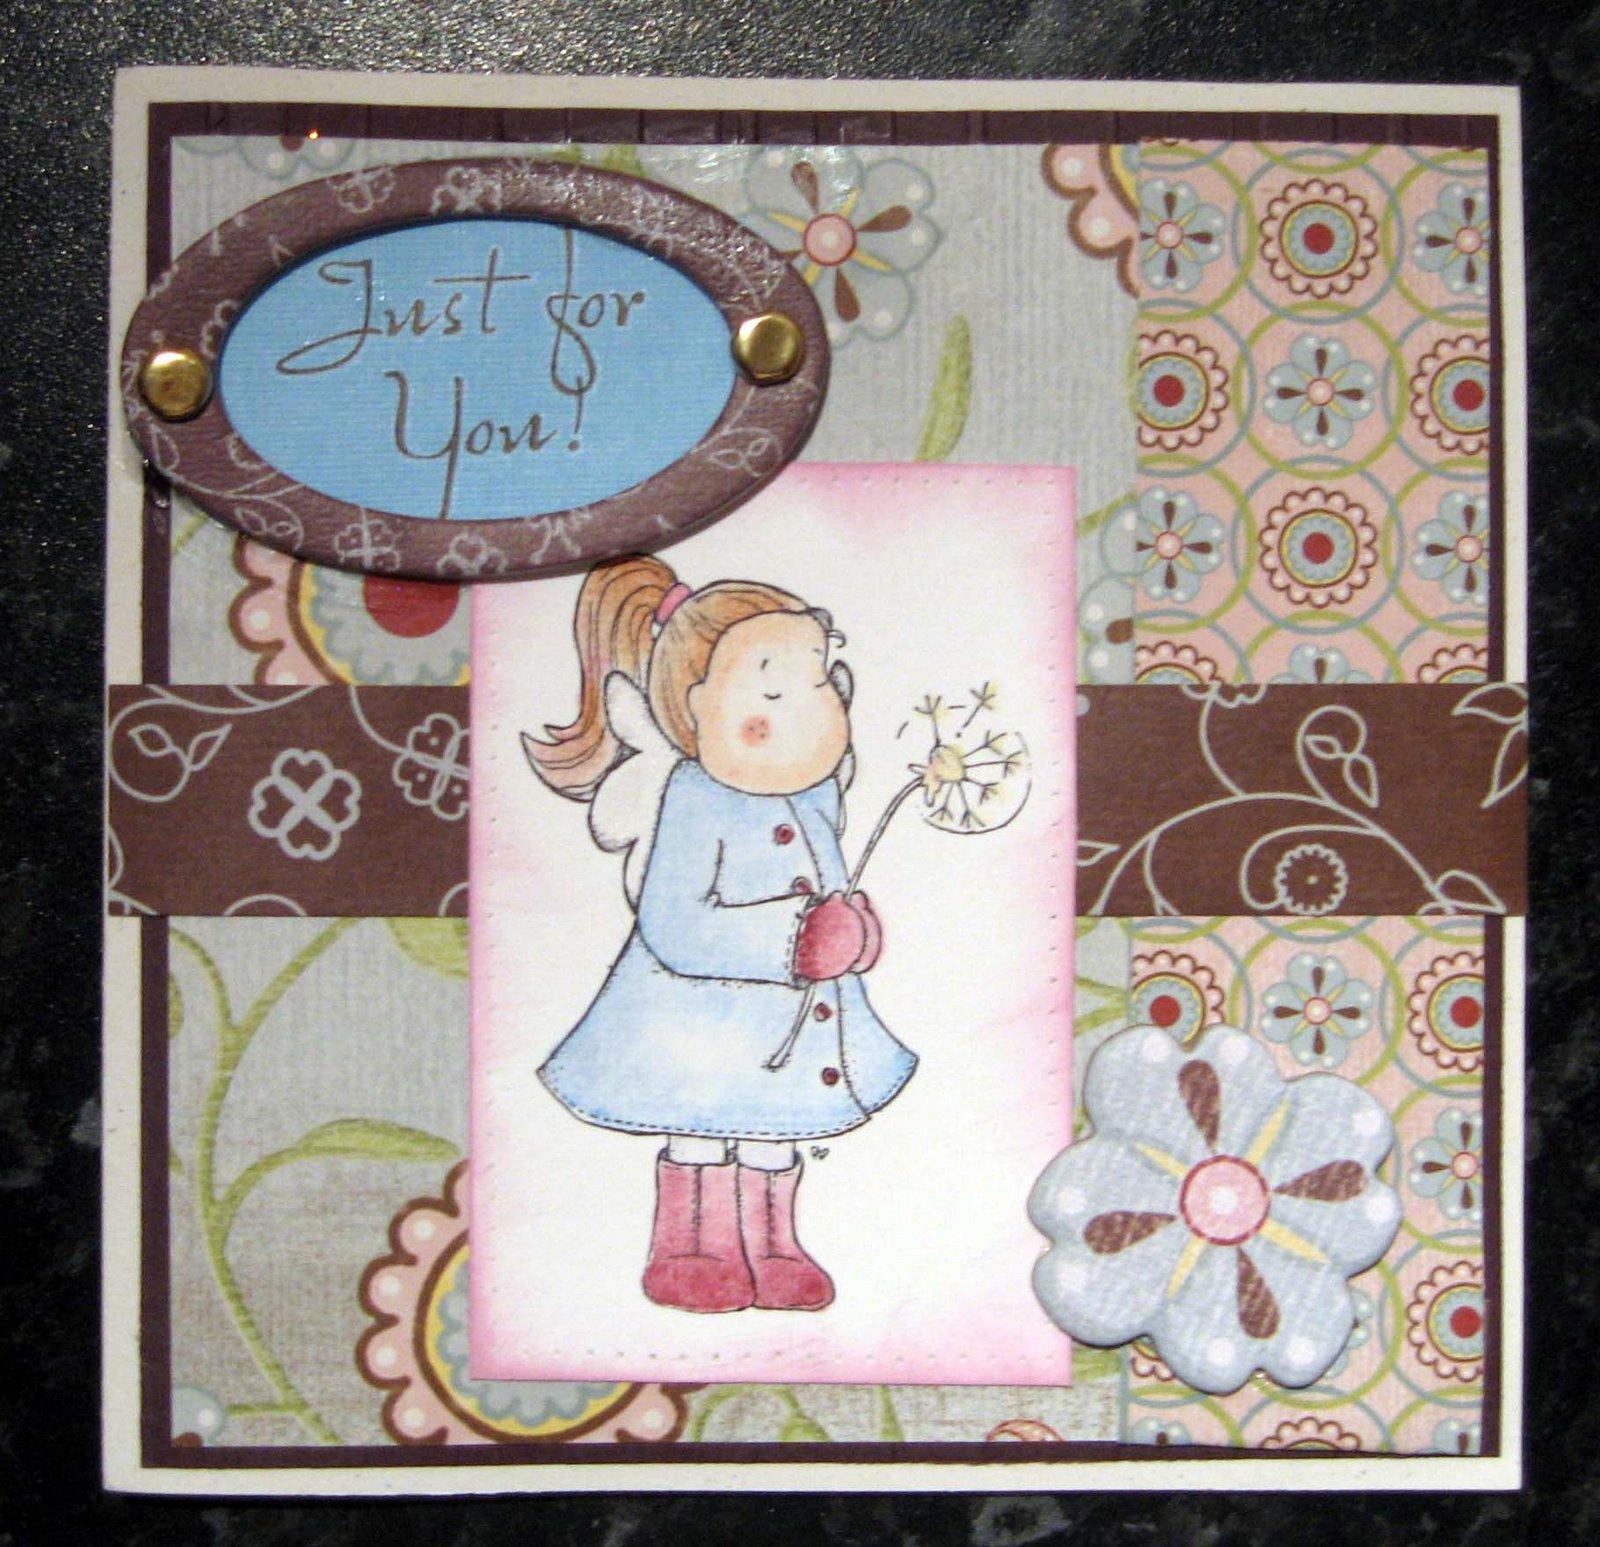 Frances' Card